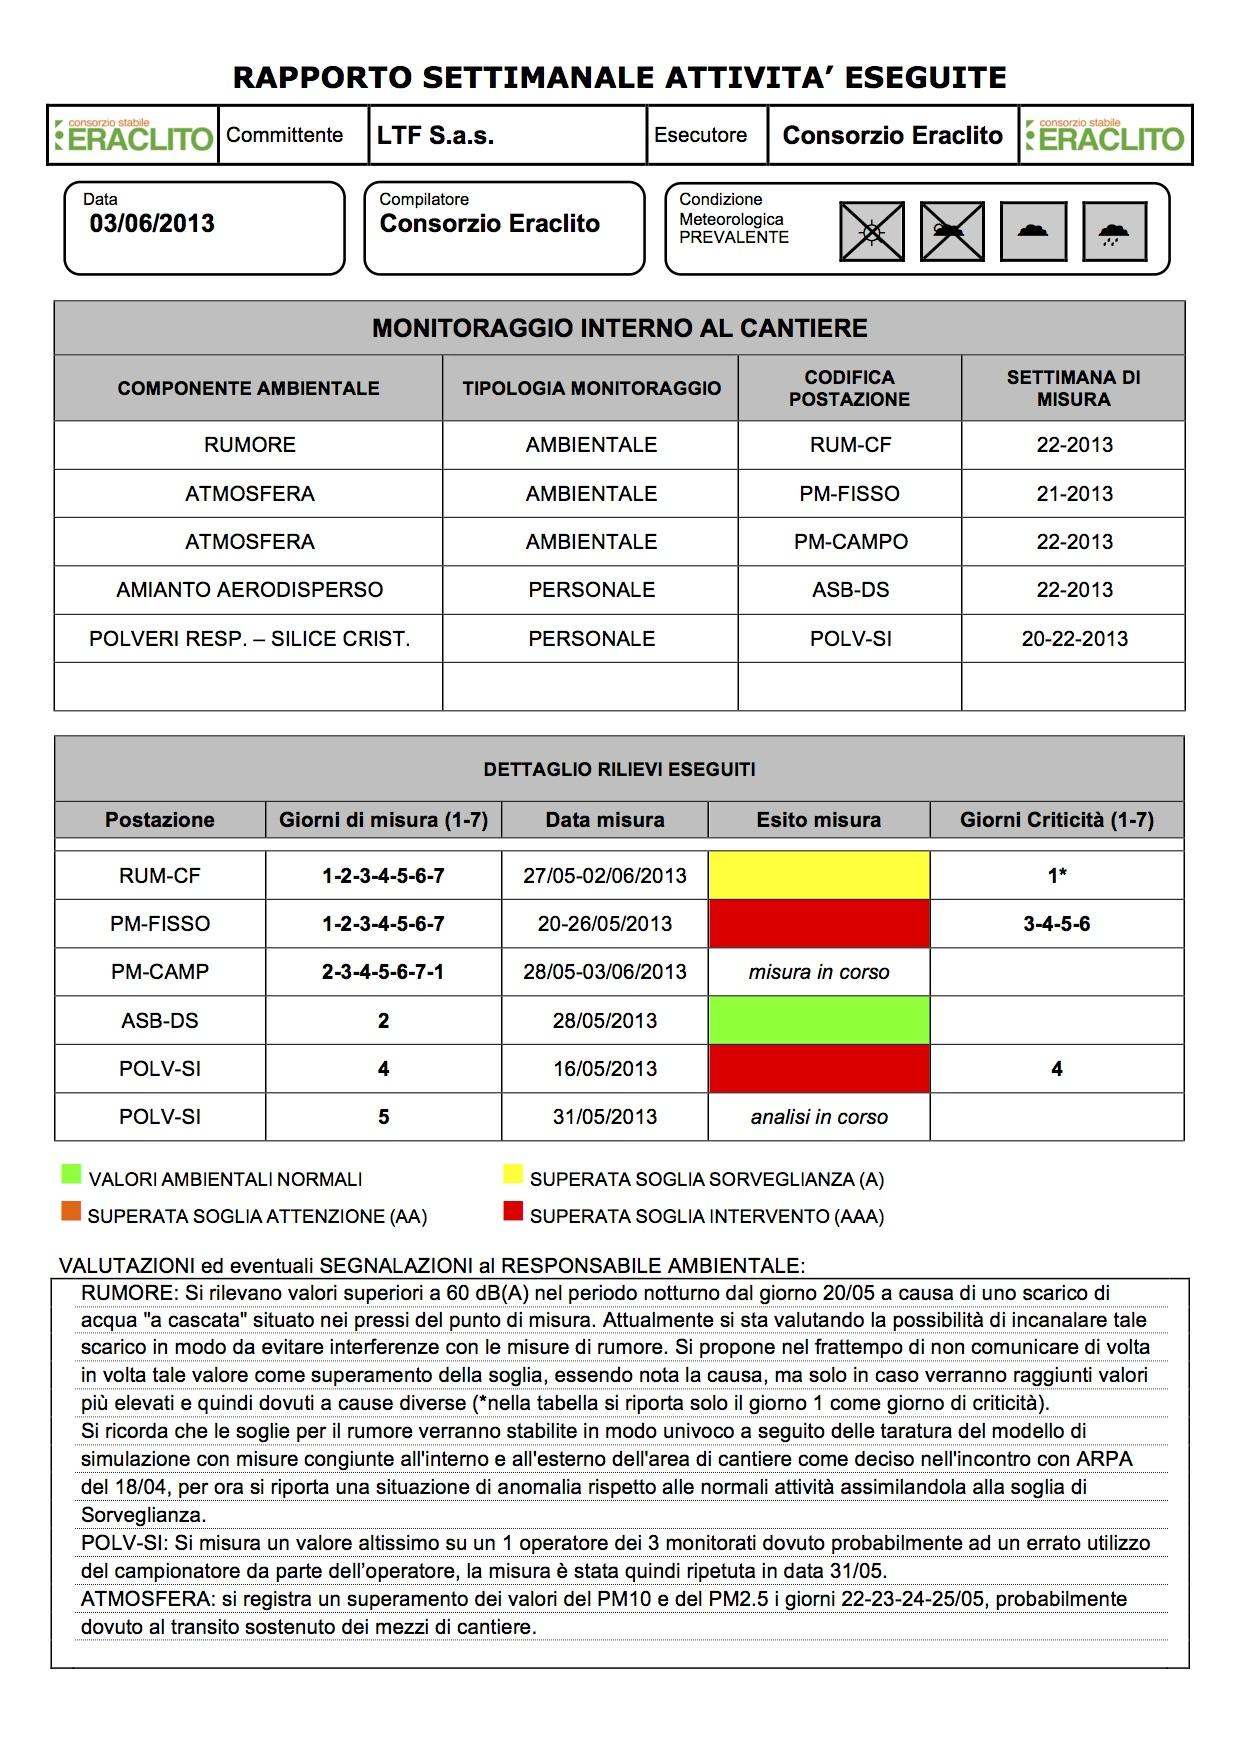 2013_06_03_Rapporto Settimanale Attività di Monitoraggio Interno al Cantiere copia